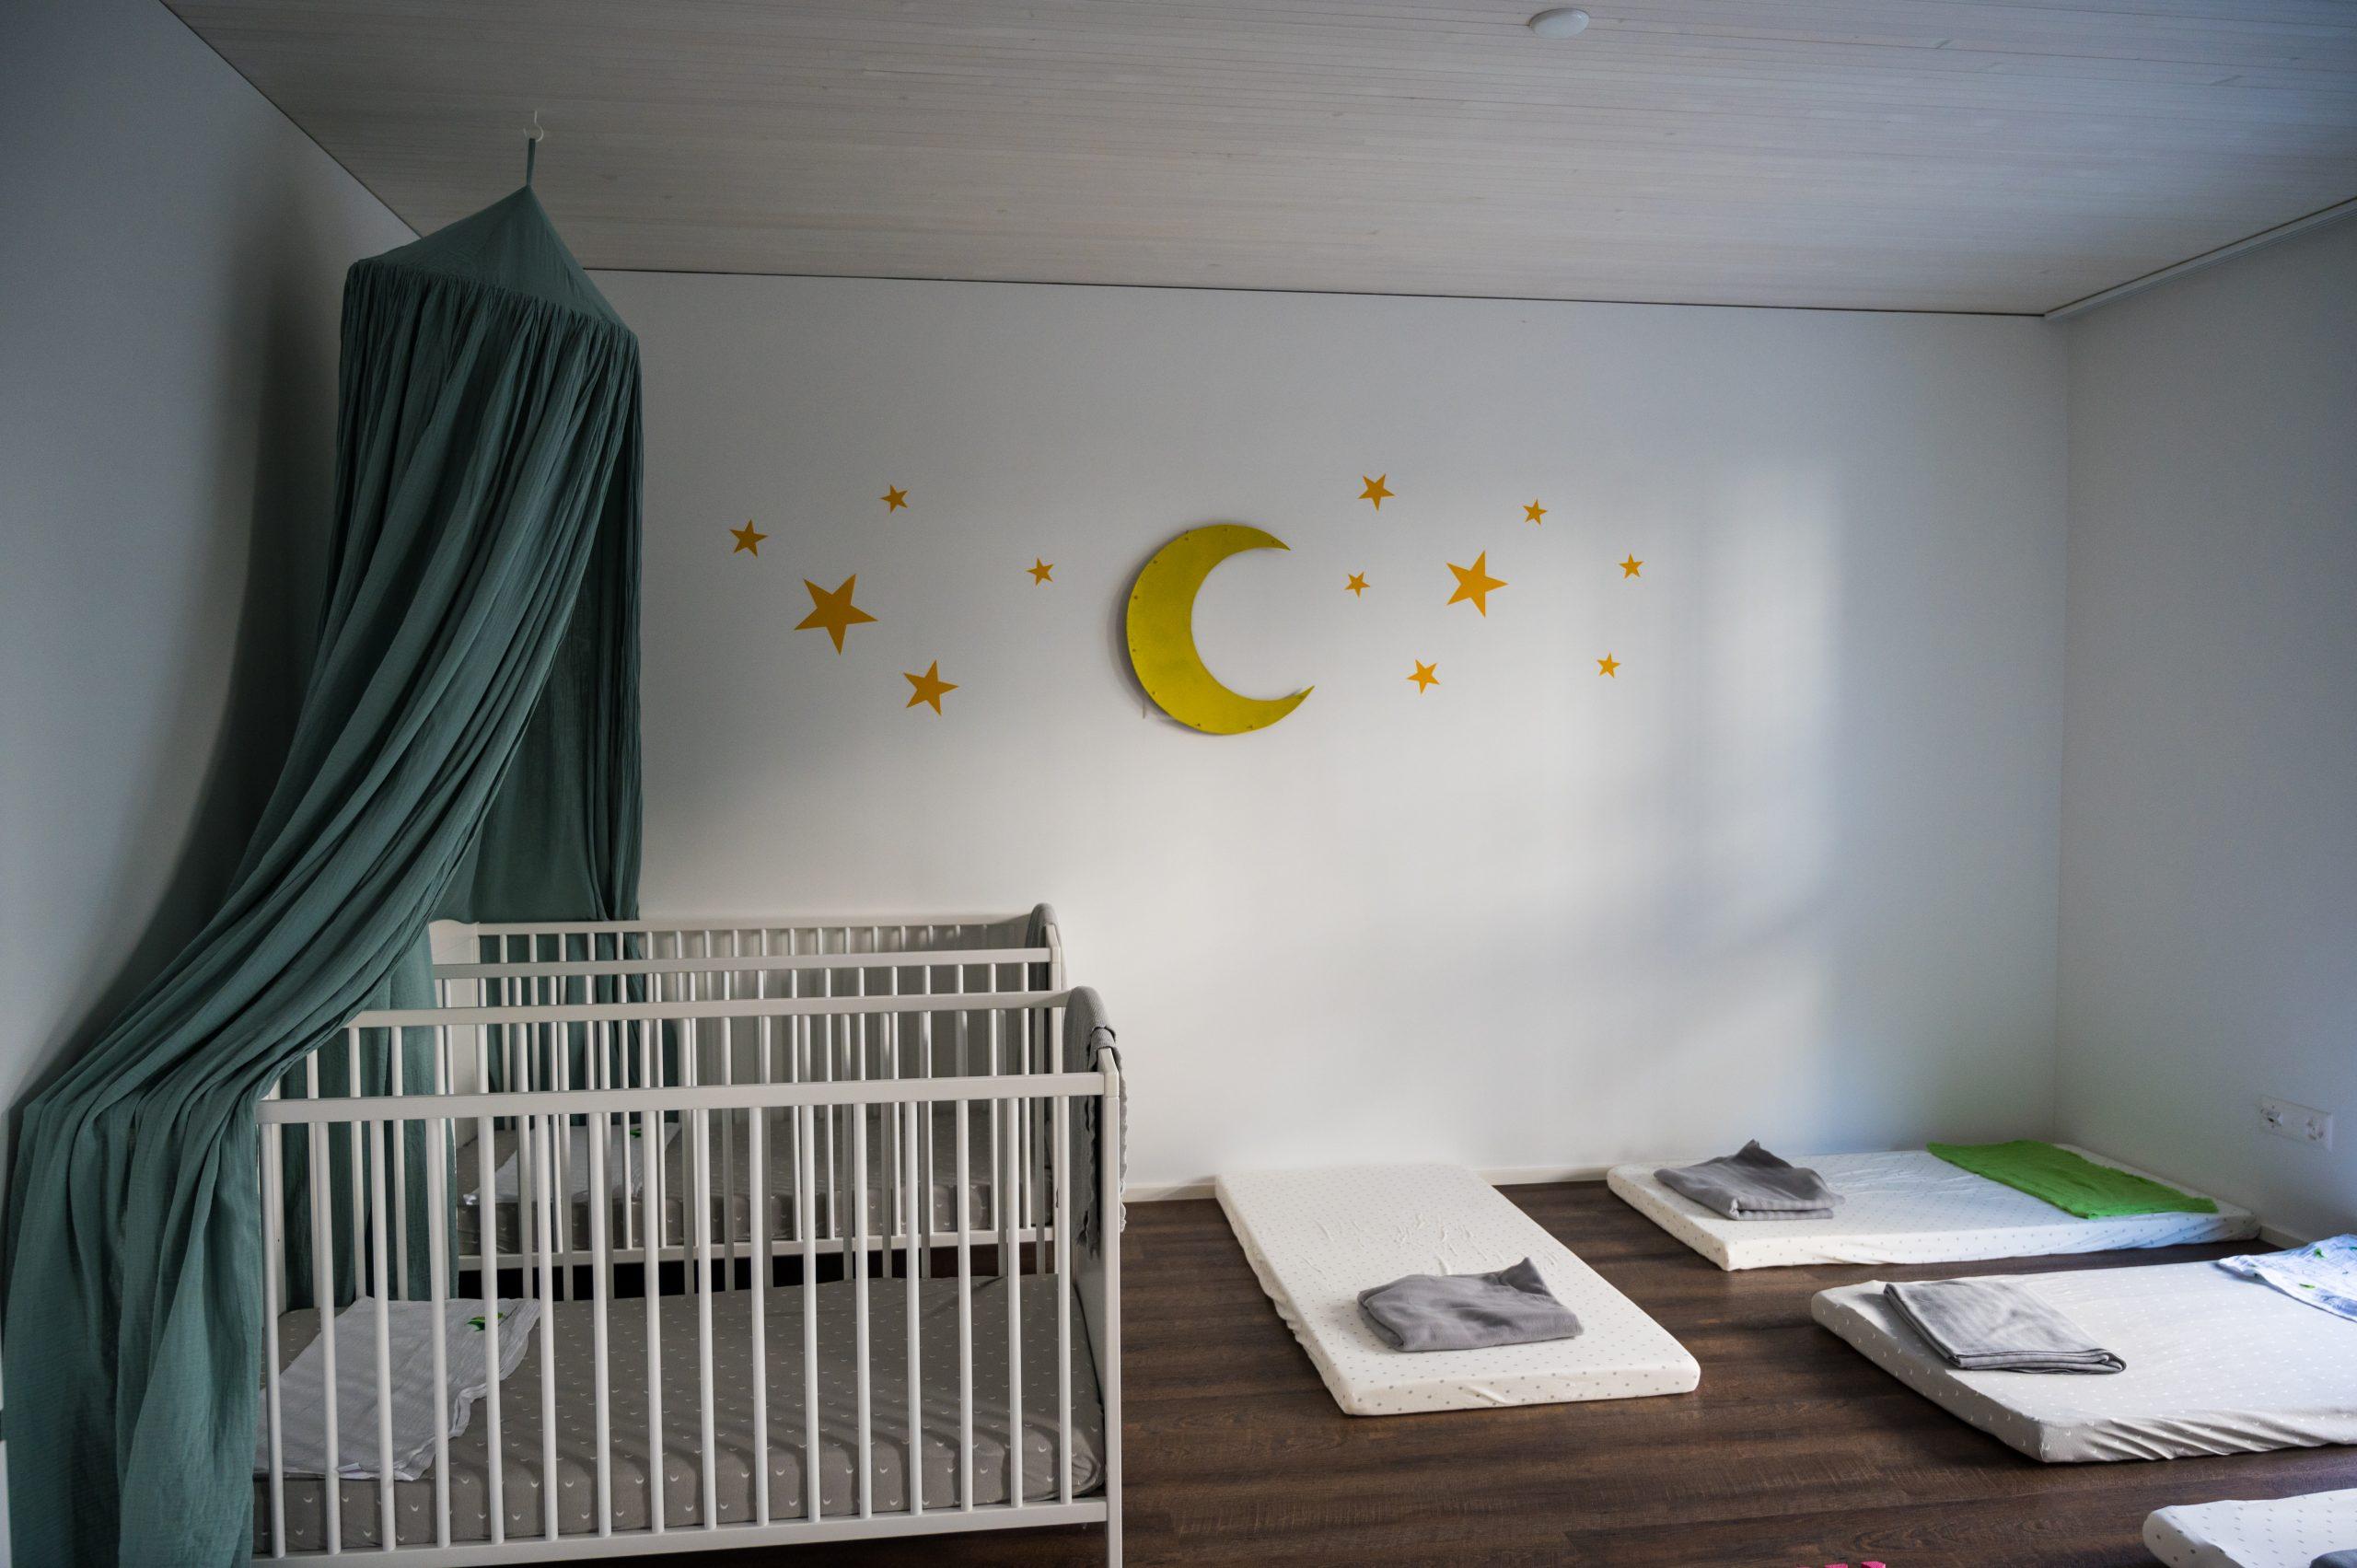 Blick ins Schlafzimmer, wo sich die Kinder und Babies erholen können